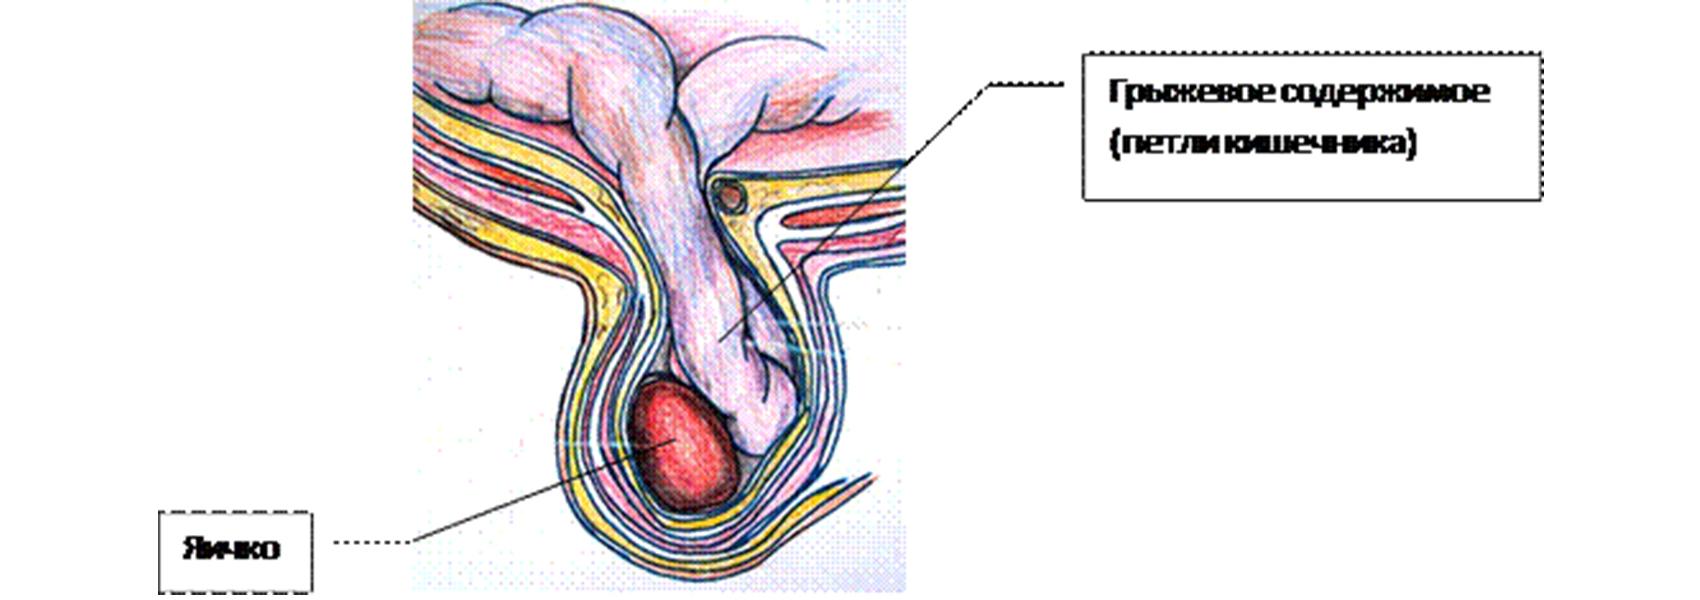 hogyan lehet erekciót emelni népi gyógymódokkal)